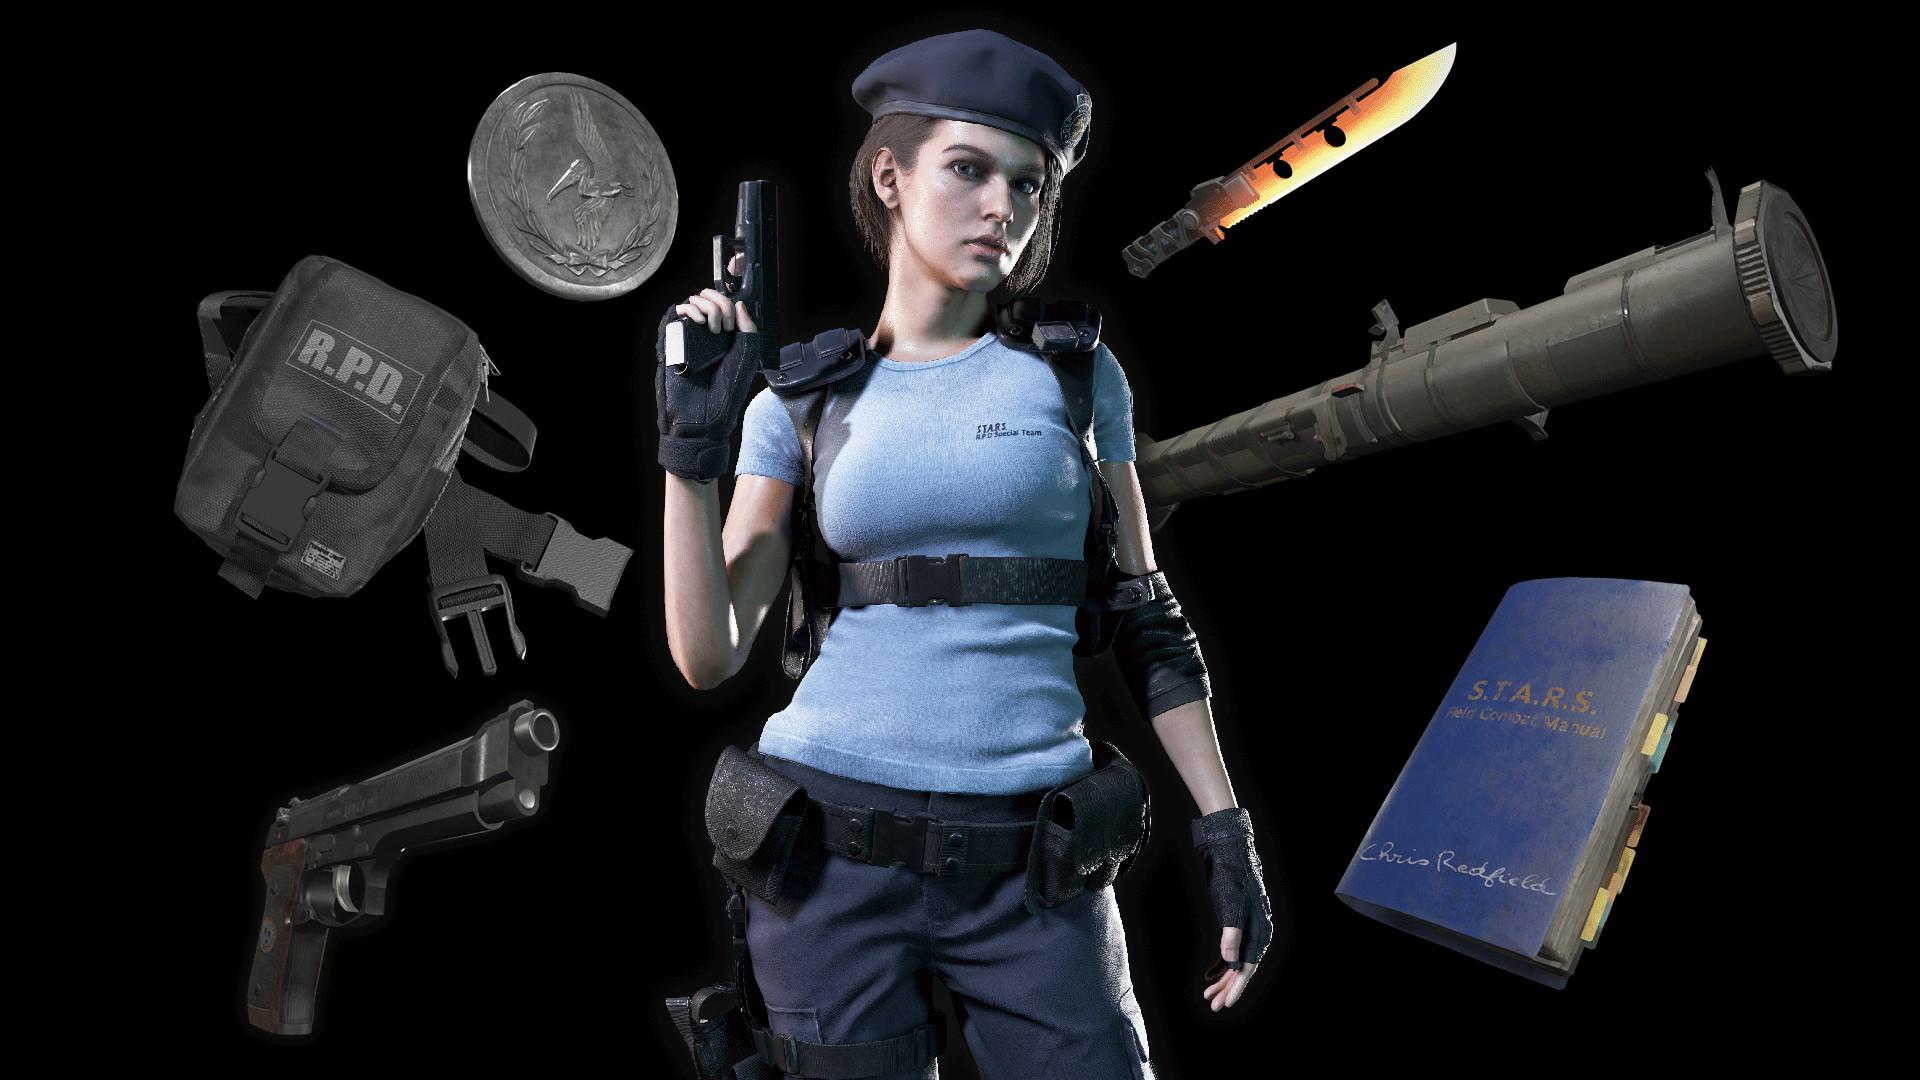 《生化危机3:重制版》游戏奖励全解锁DLC推出 售价34元